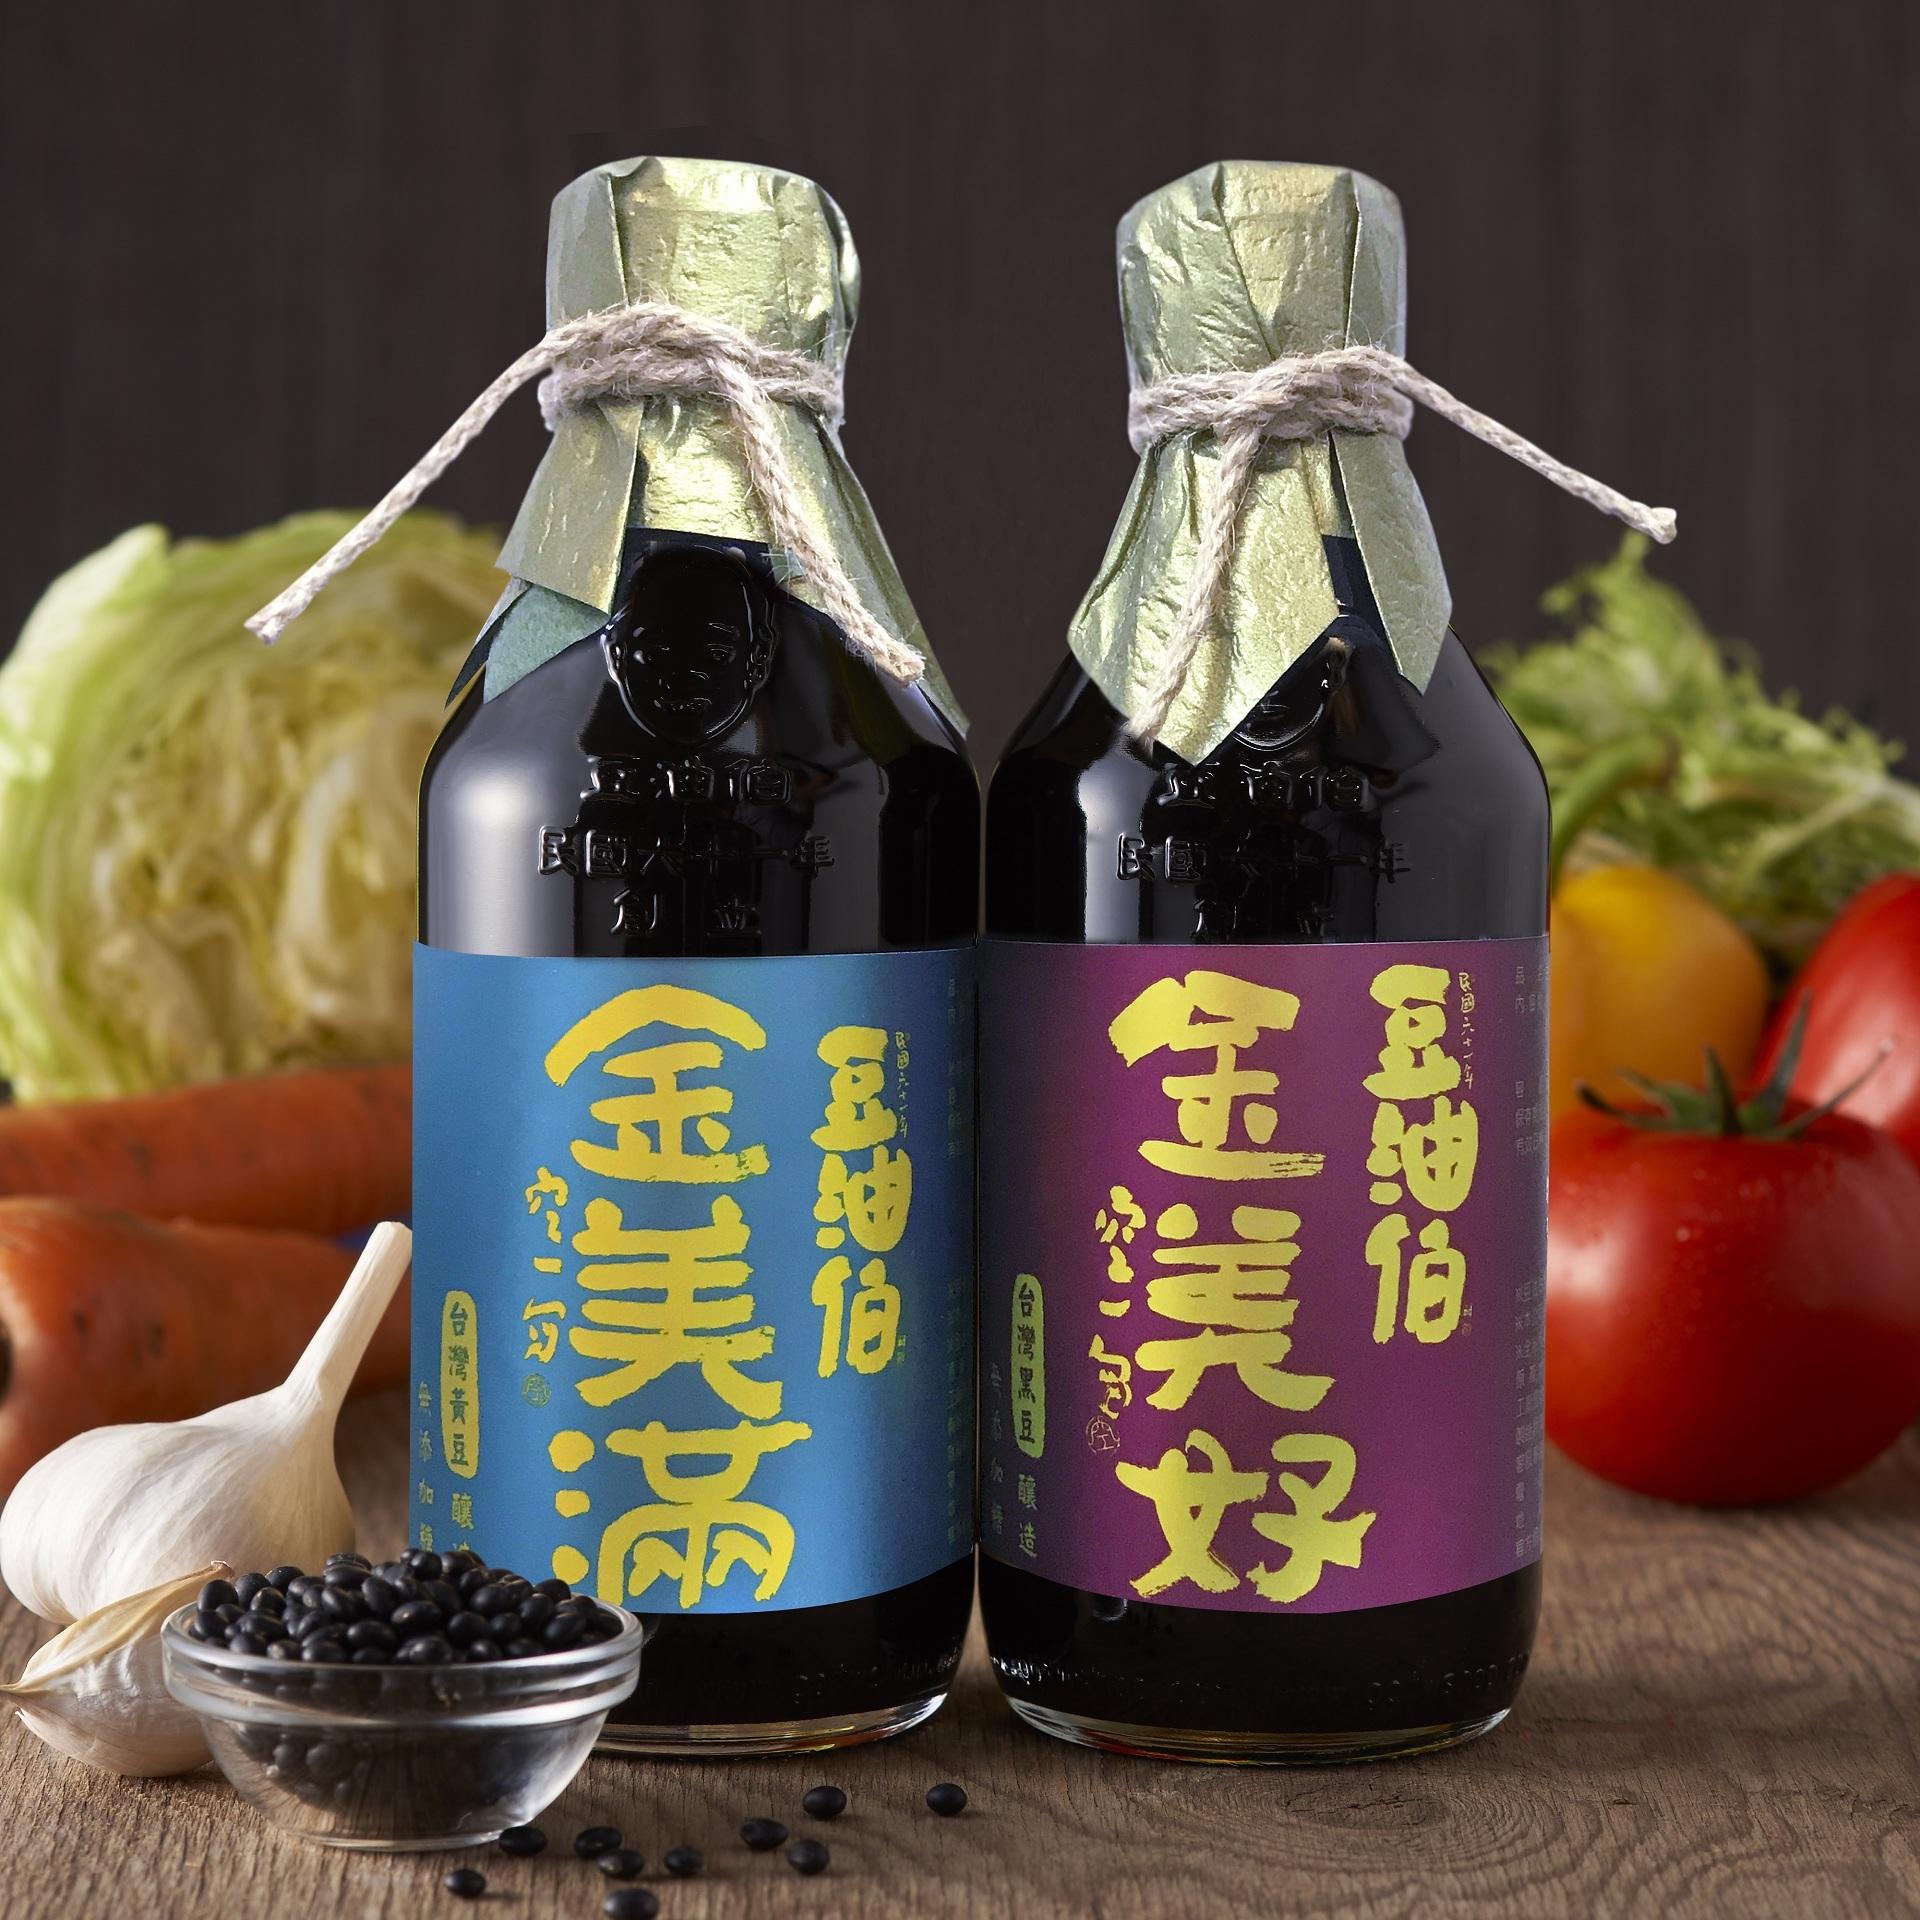 金美滿醬油1入+金美好醬油1入(禮盒1組,共2入)